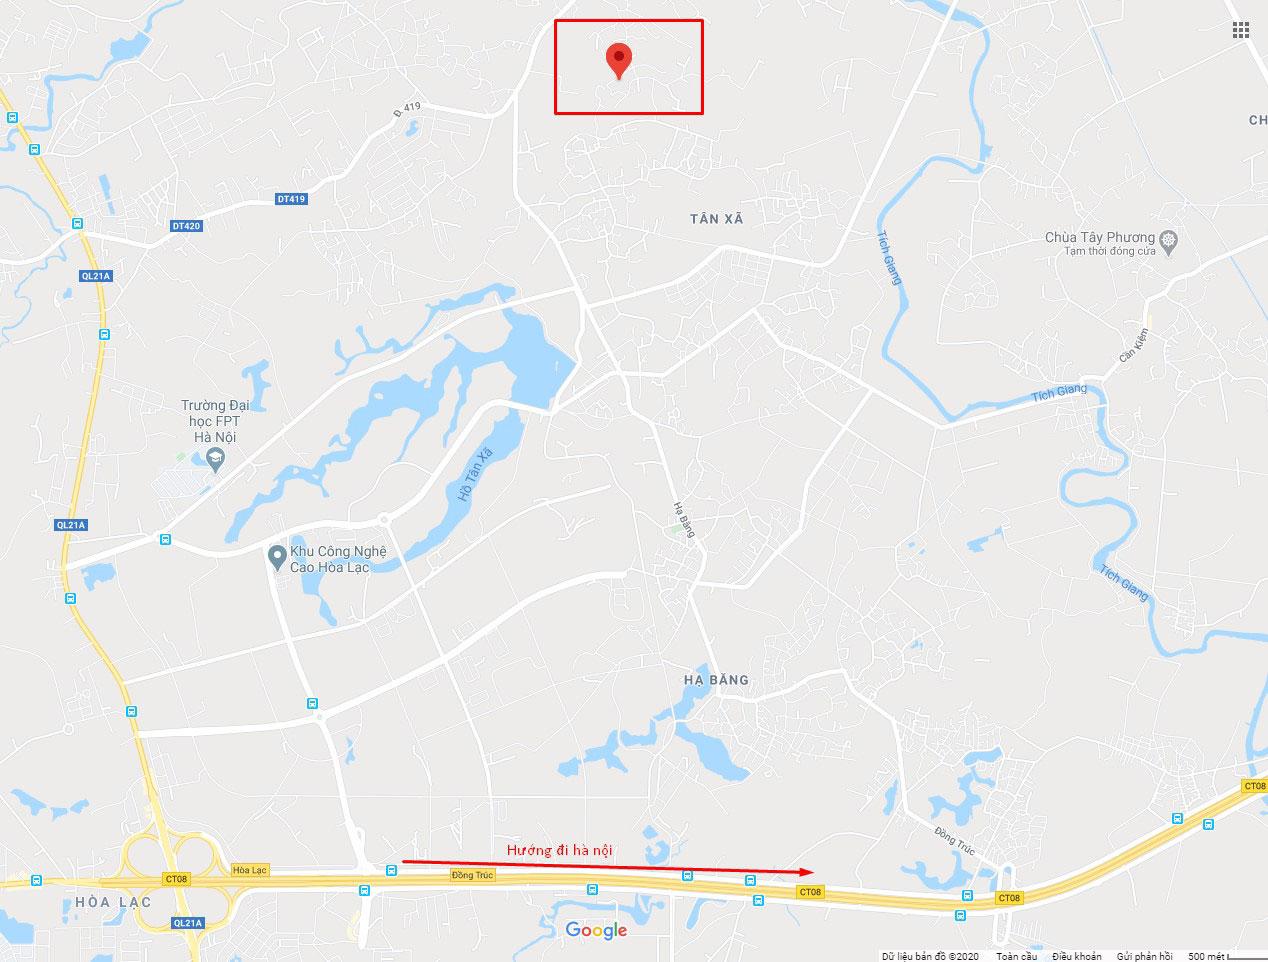 Mặt bằng khu đất 23 lô thôn Đồi Sen, Bình Yên - Khu CNC Hòa Lạc